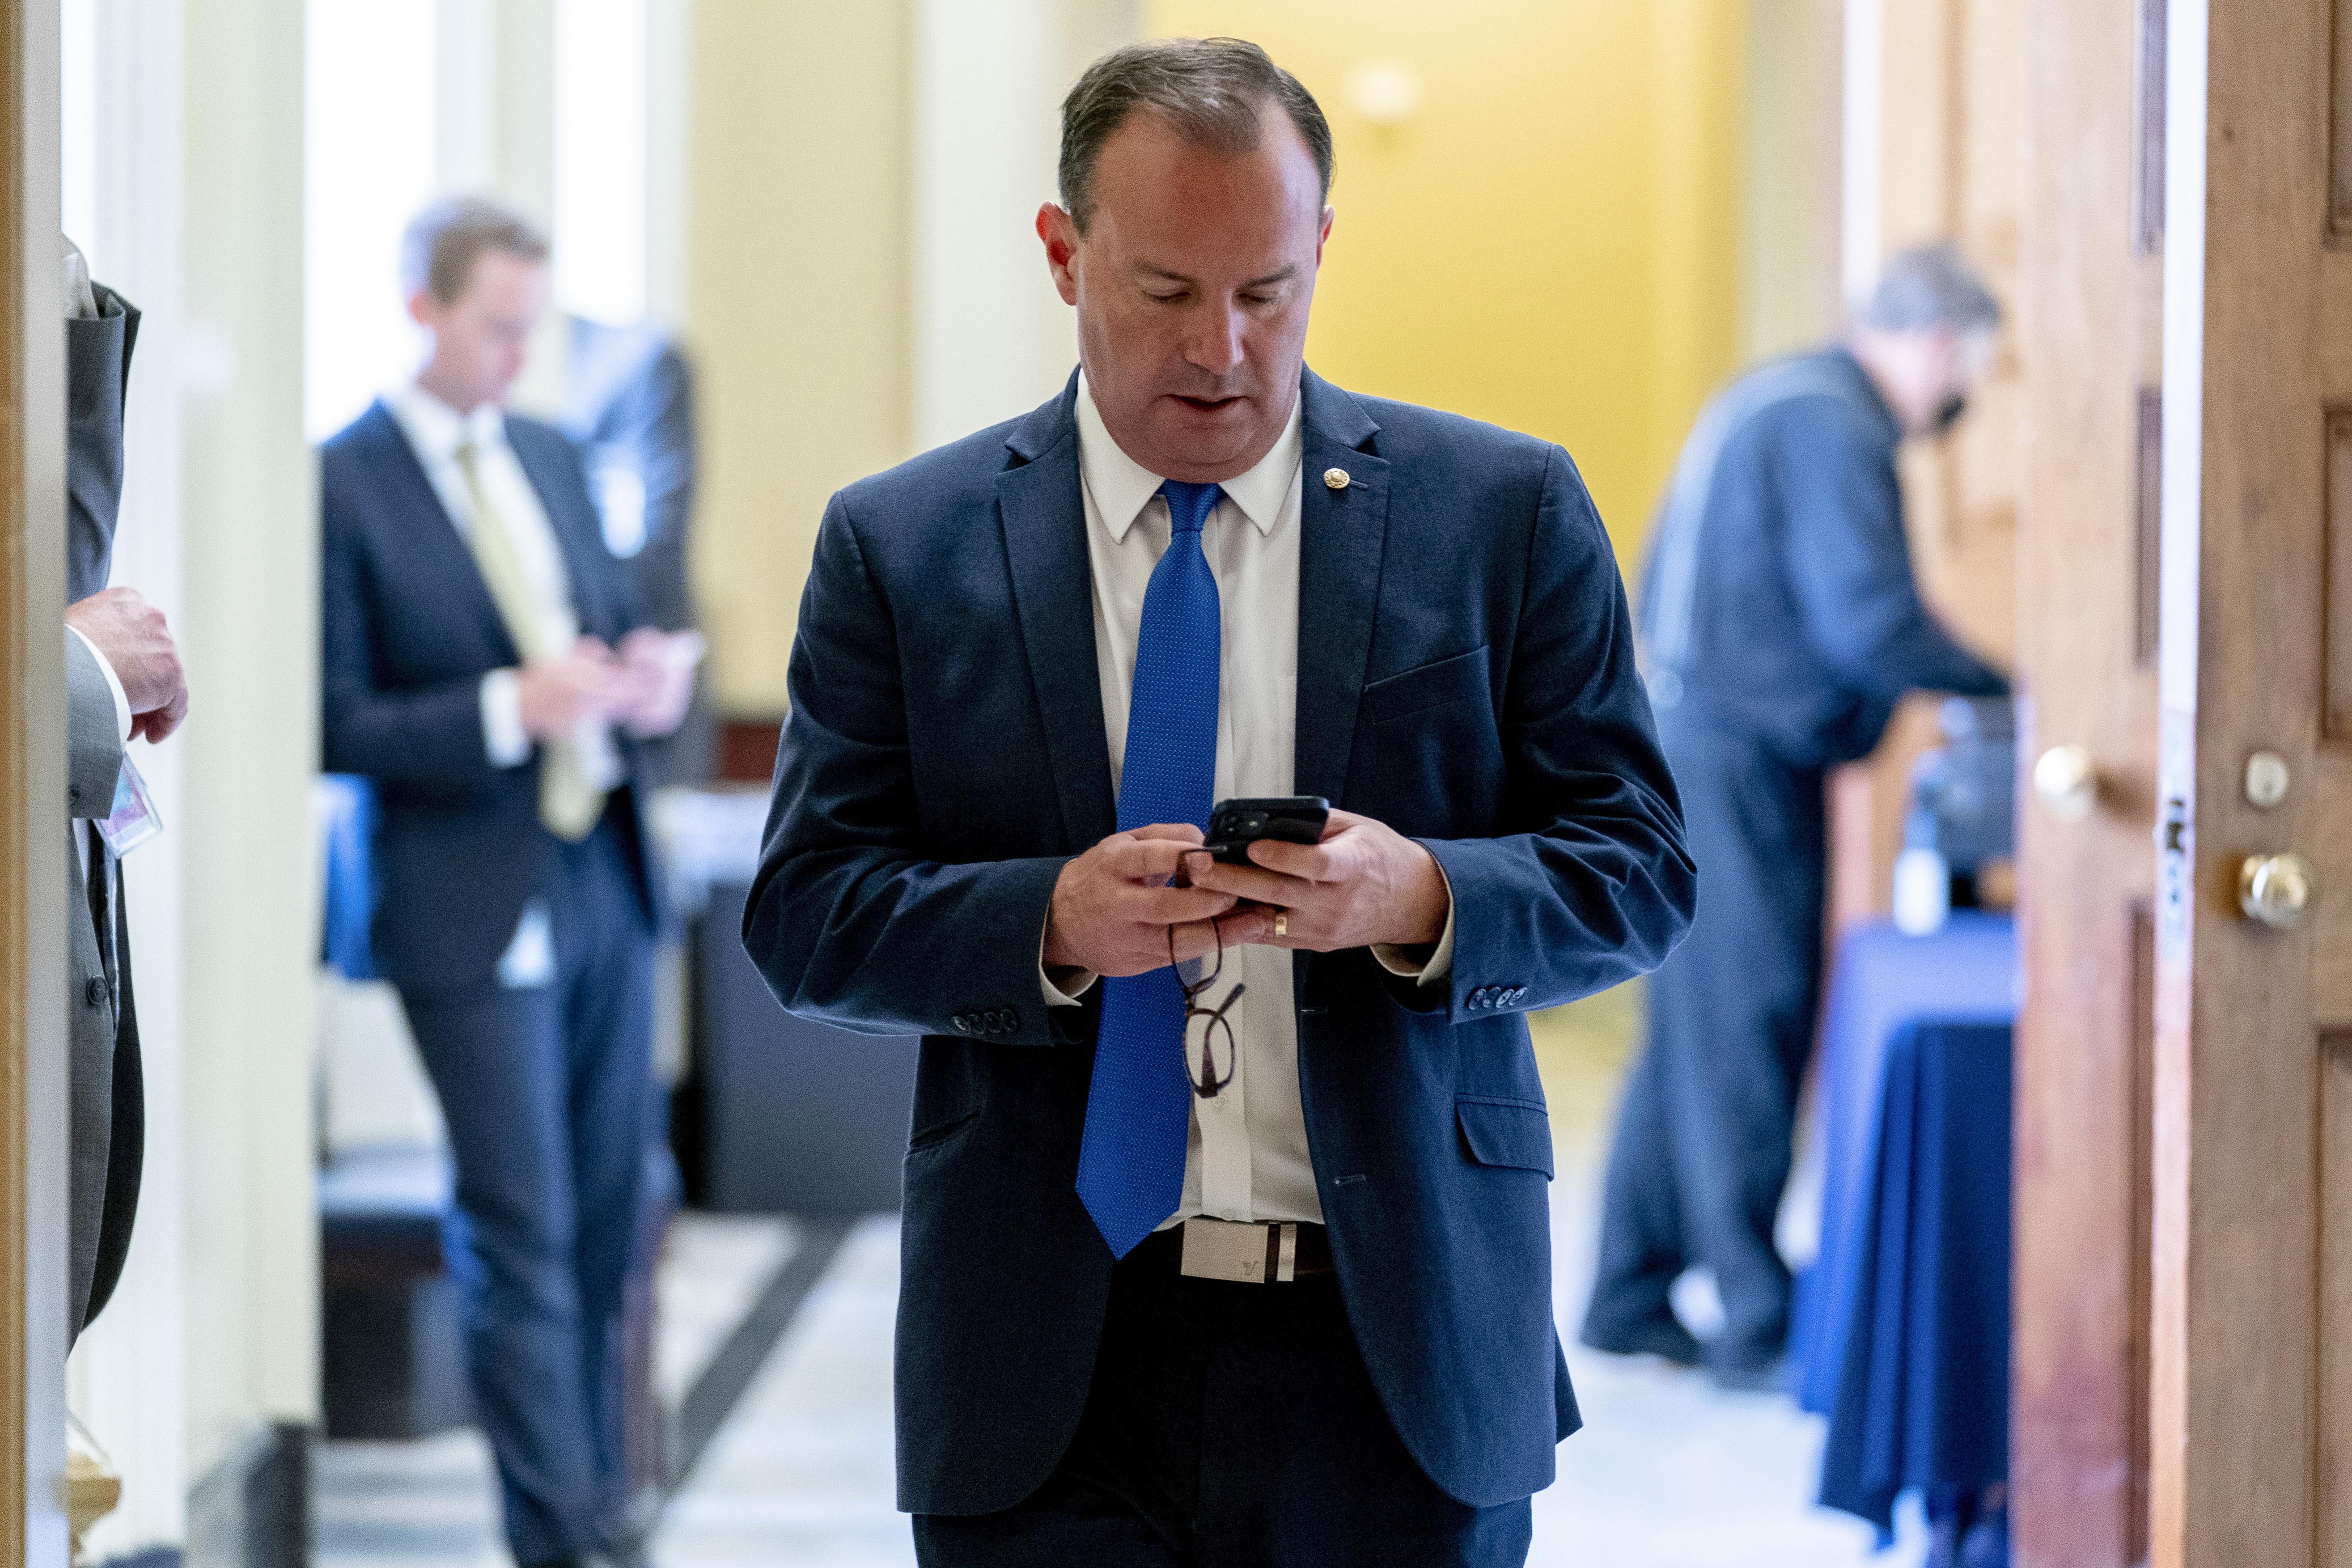 Utah Senator Mike Lee at the Capitol in Washington.